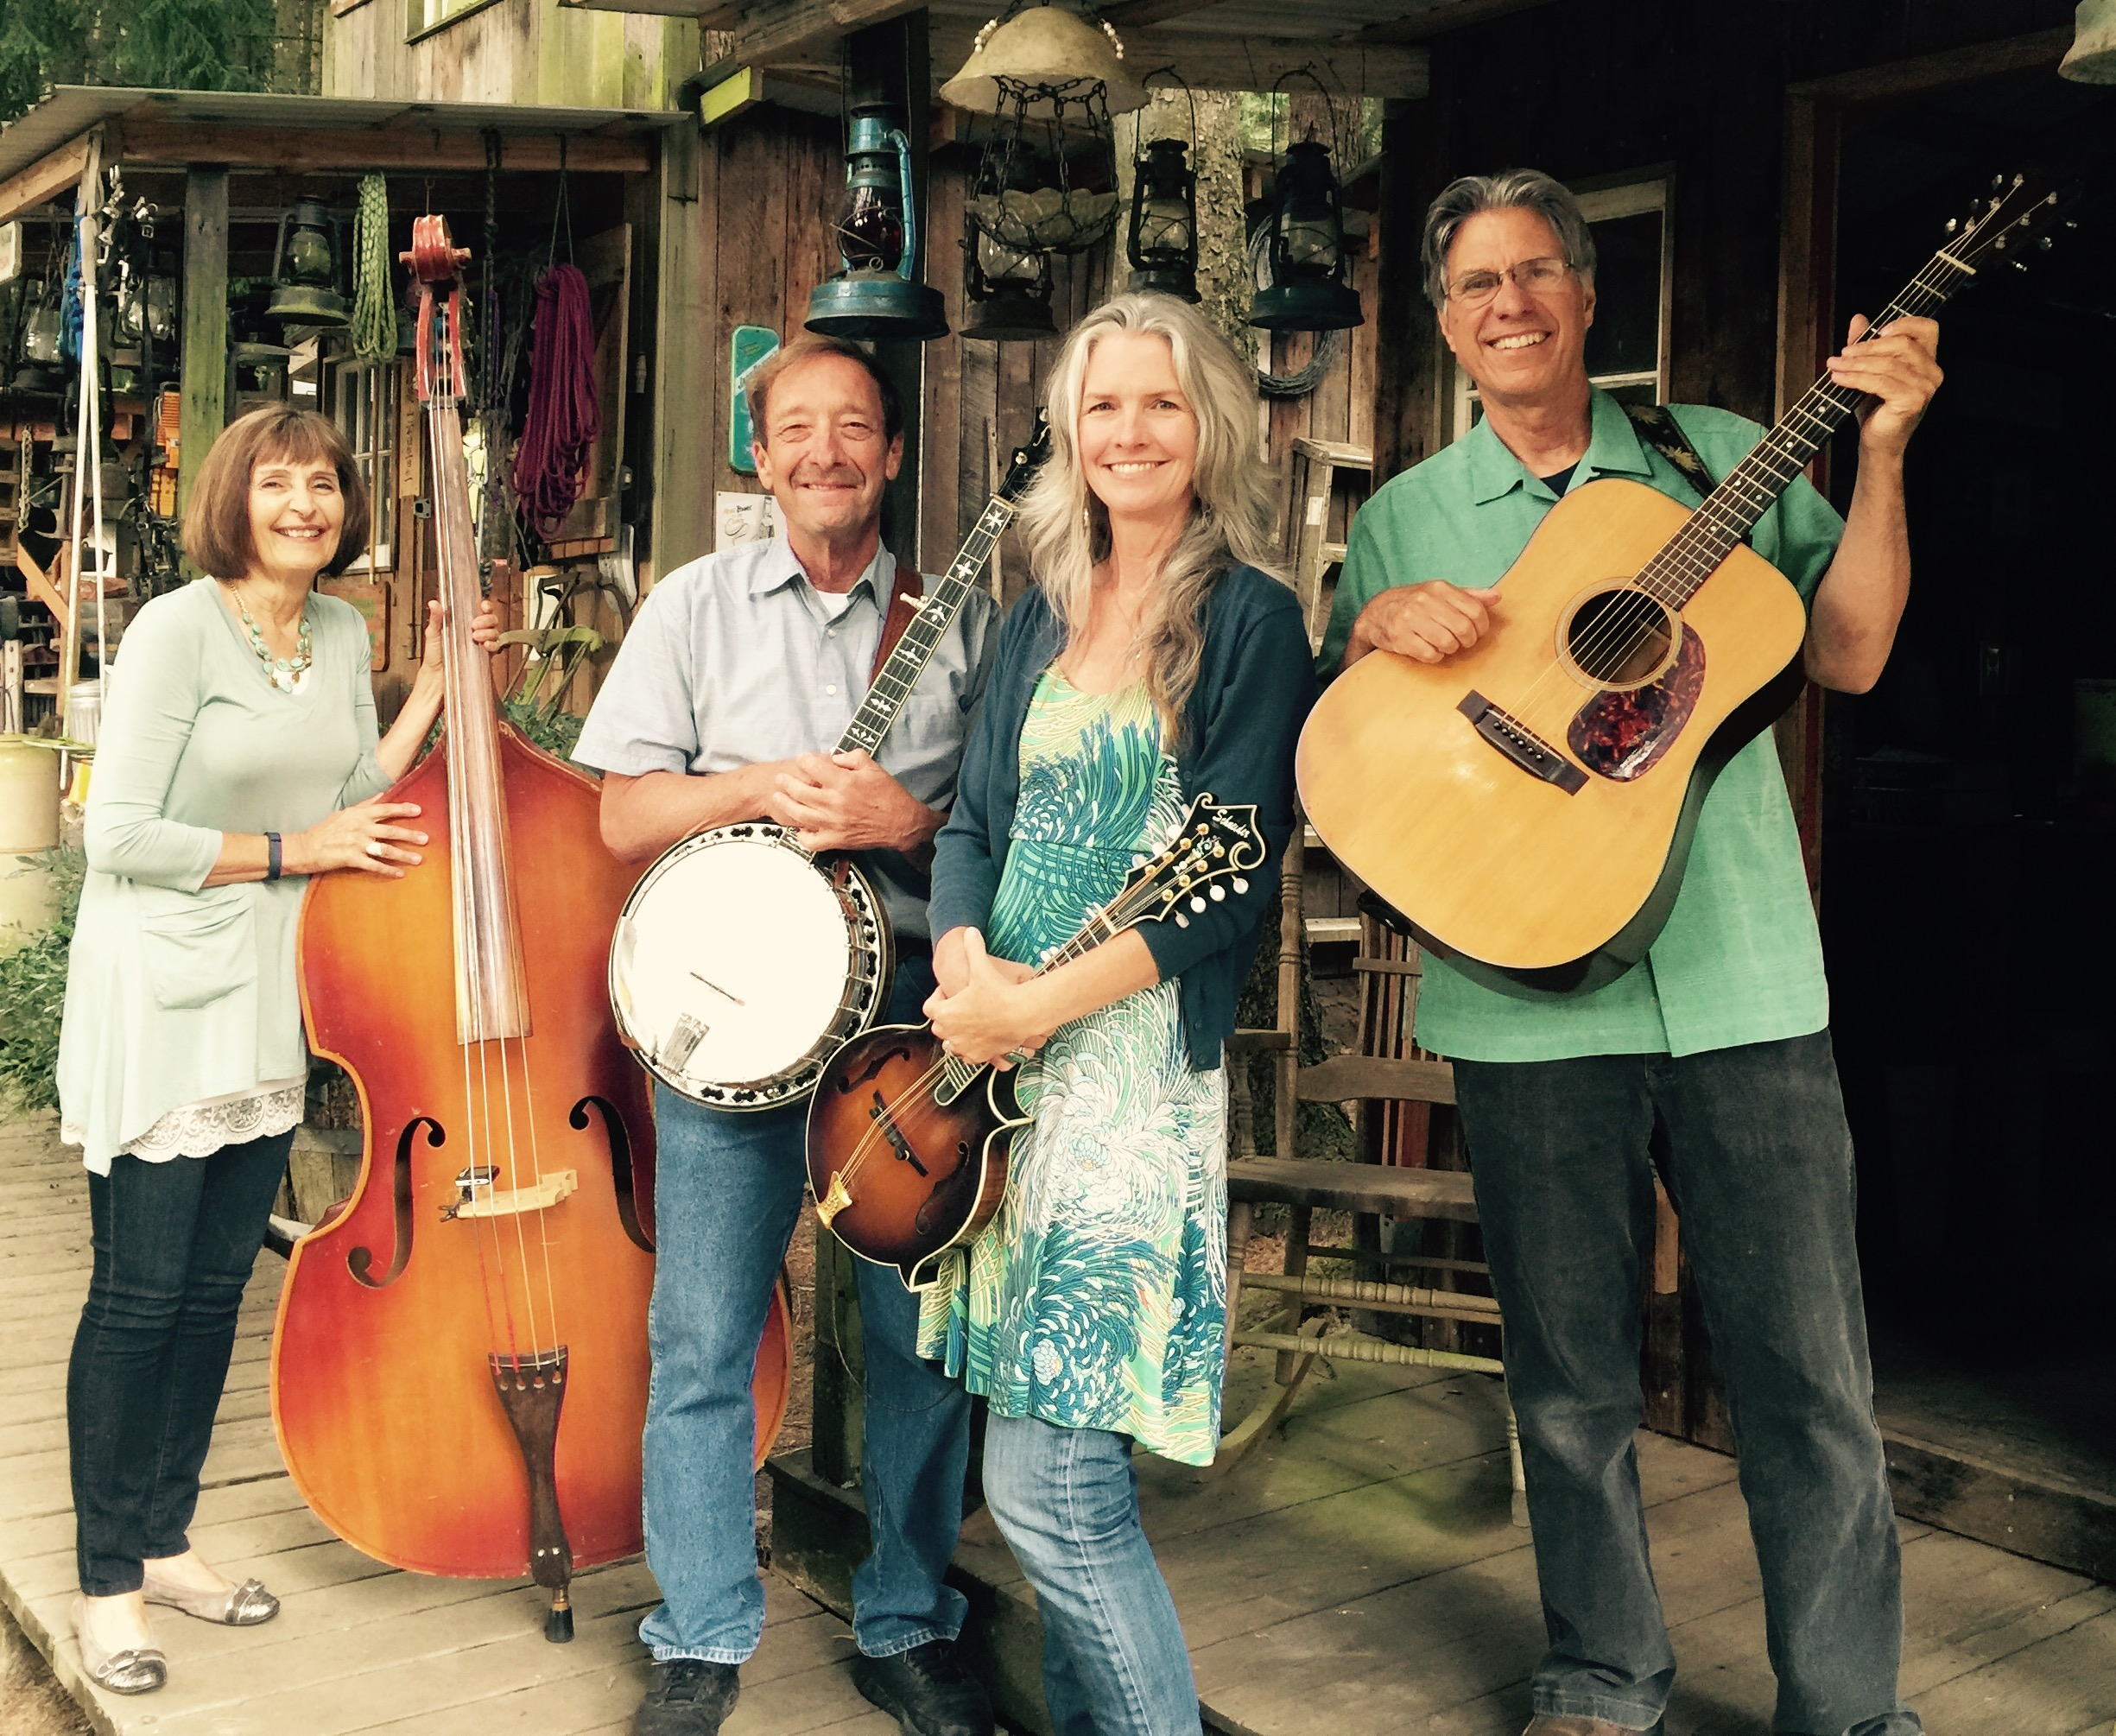 Dee Johnson, Mike Stahlman, Linda Leavitt and Greg Stone.